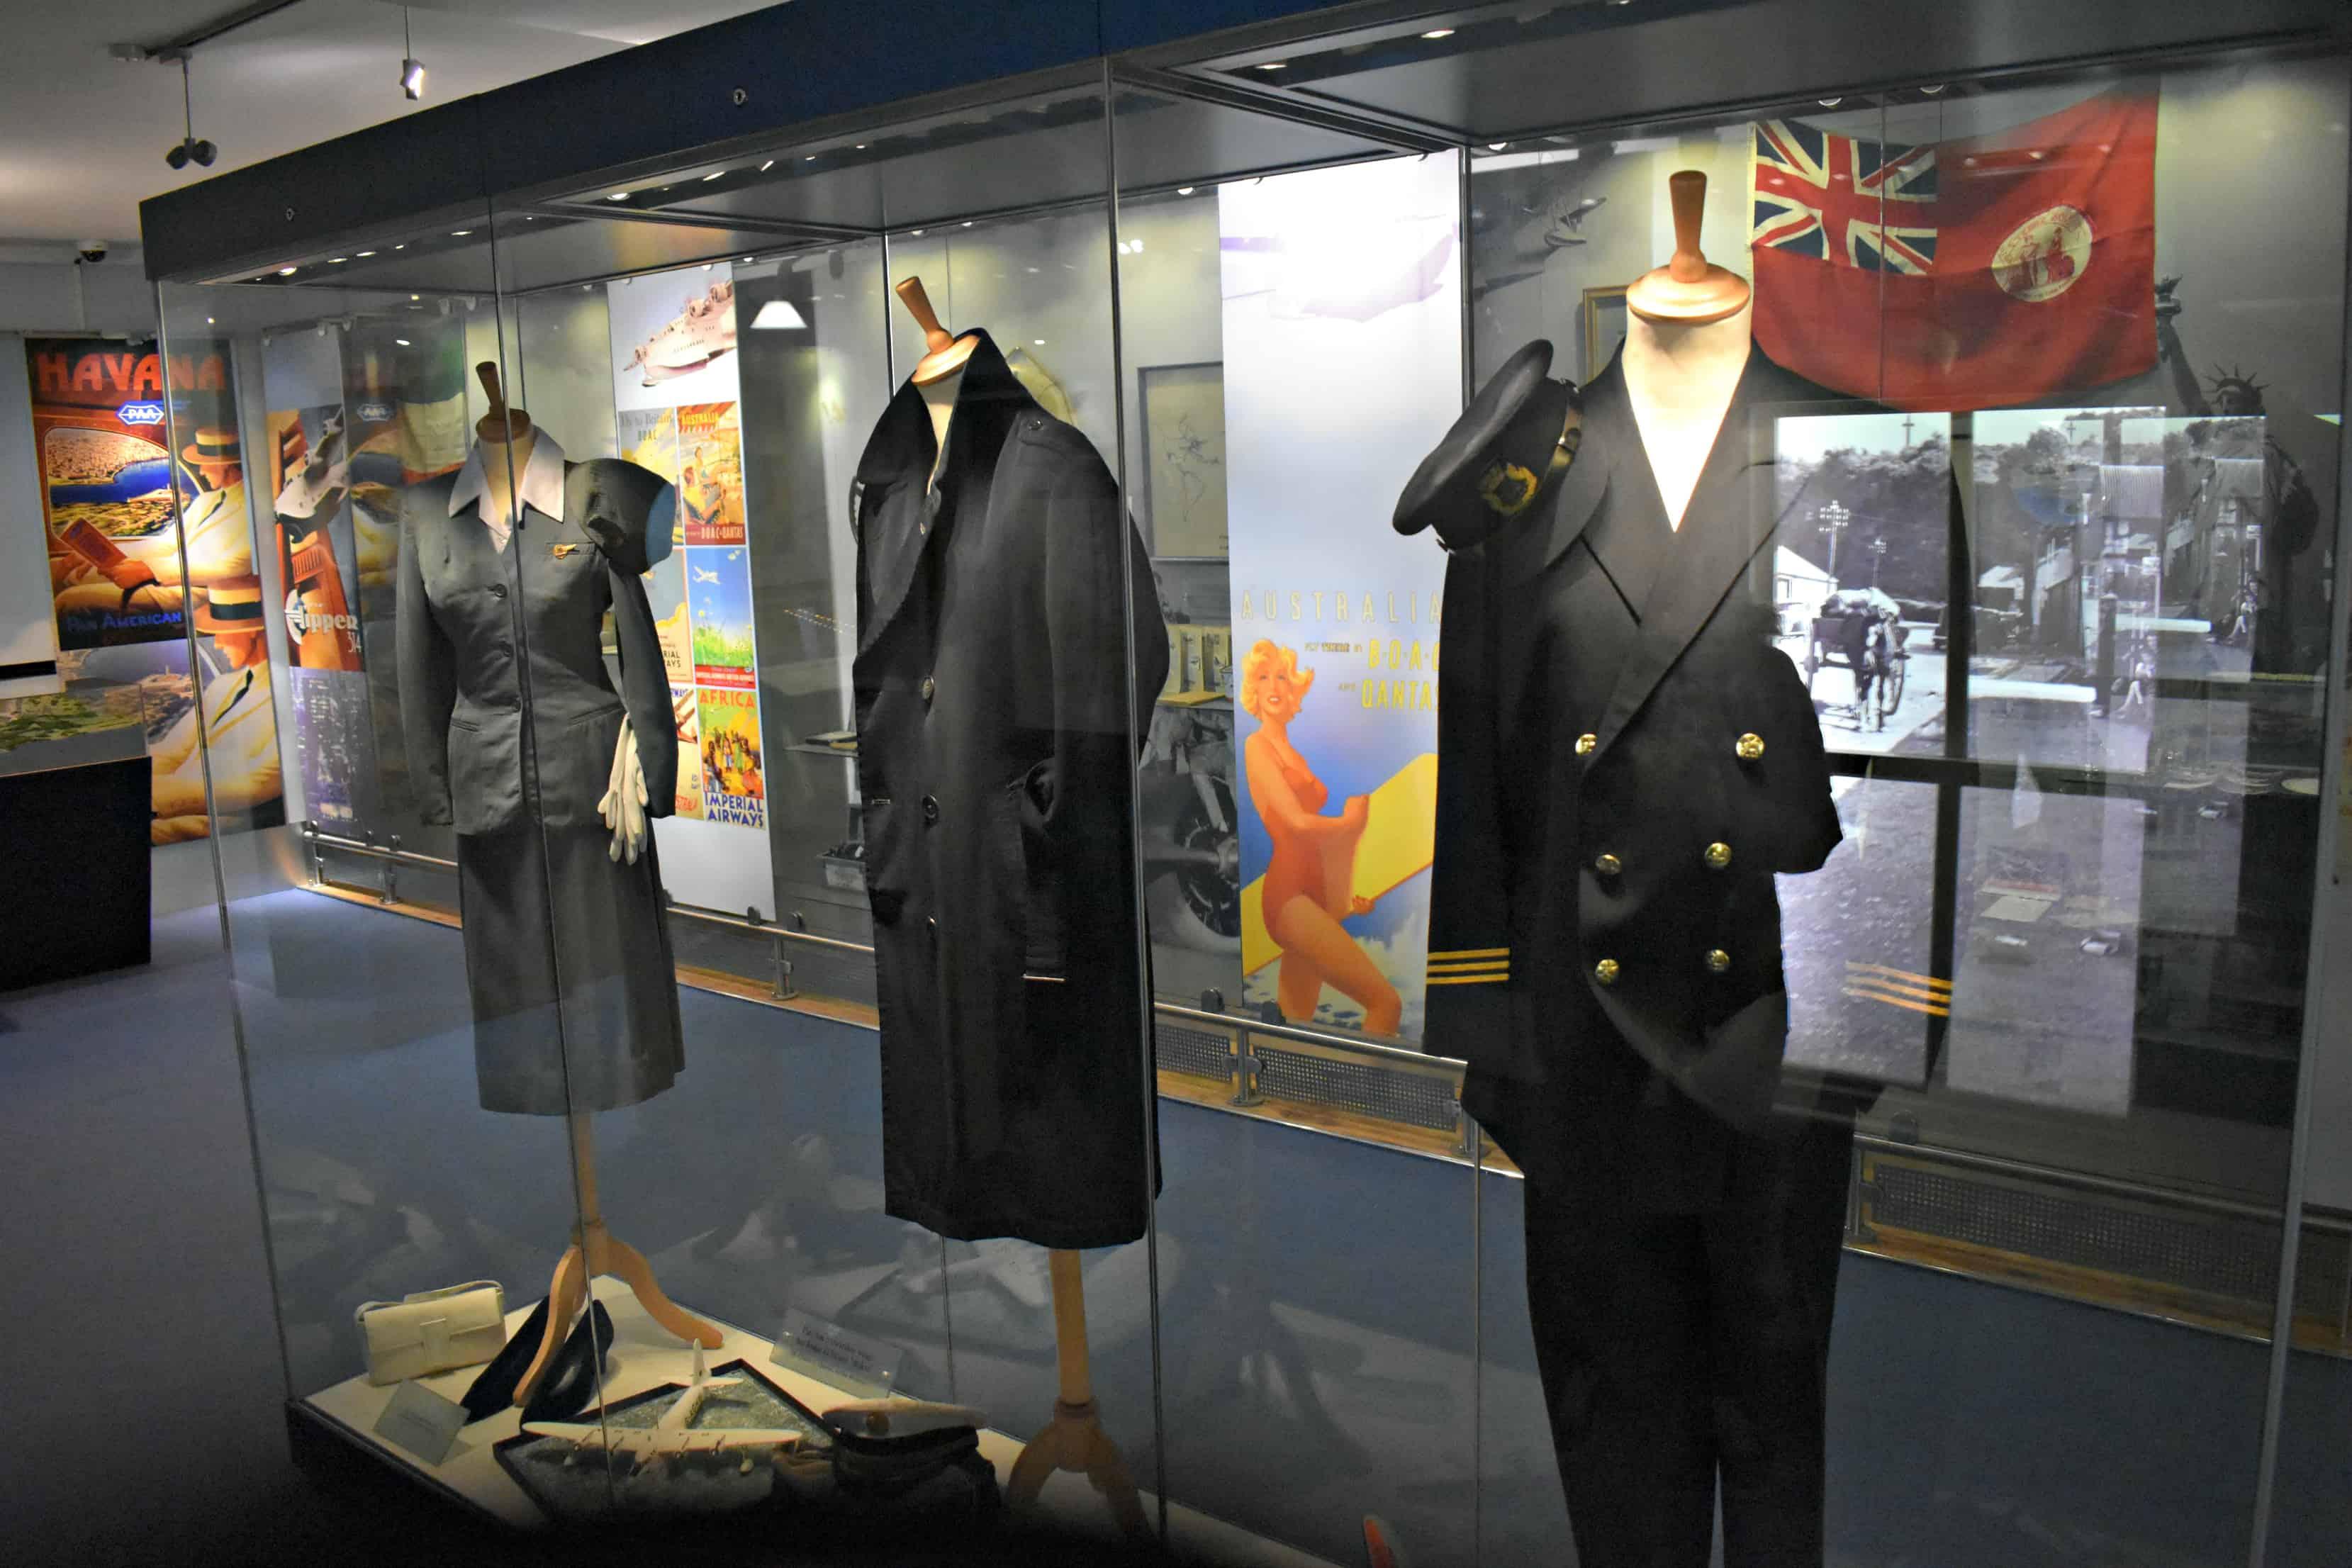 Crew Uniforms